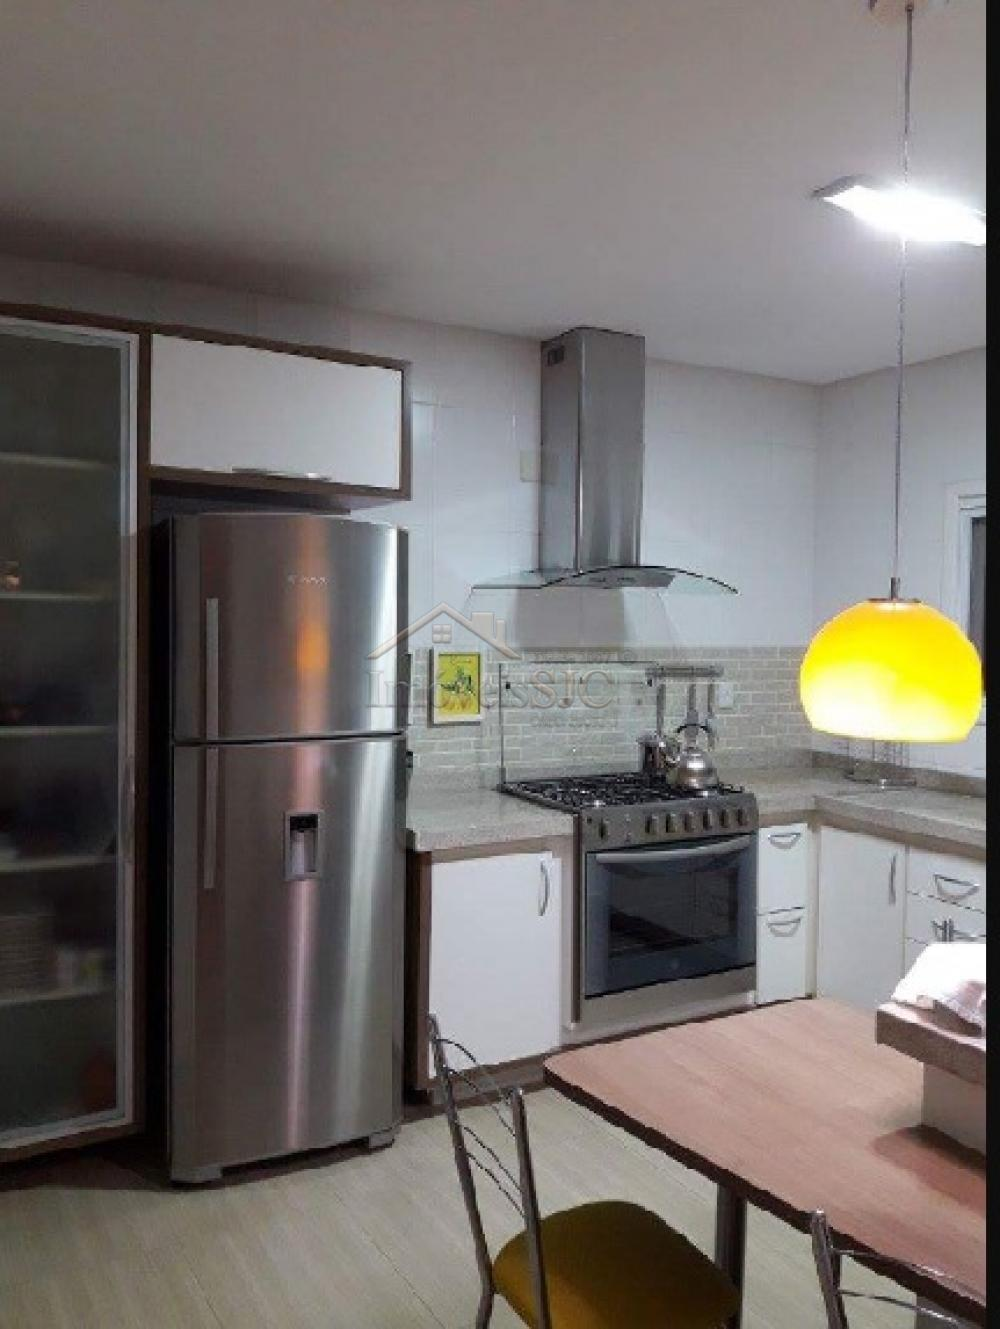 Comprar Casas / Condomínio em São José dos Campos apenas R$ 1.590.000,00 - Foto 4